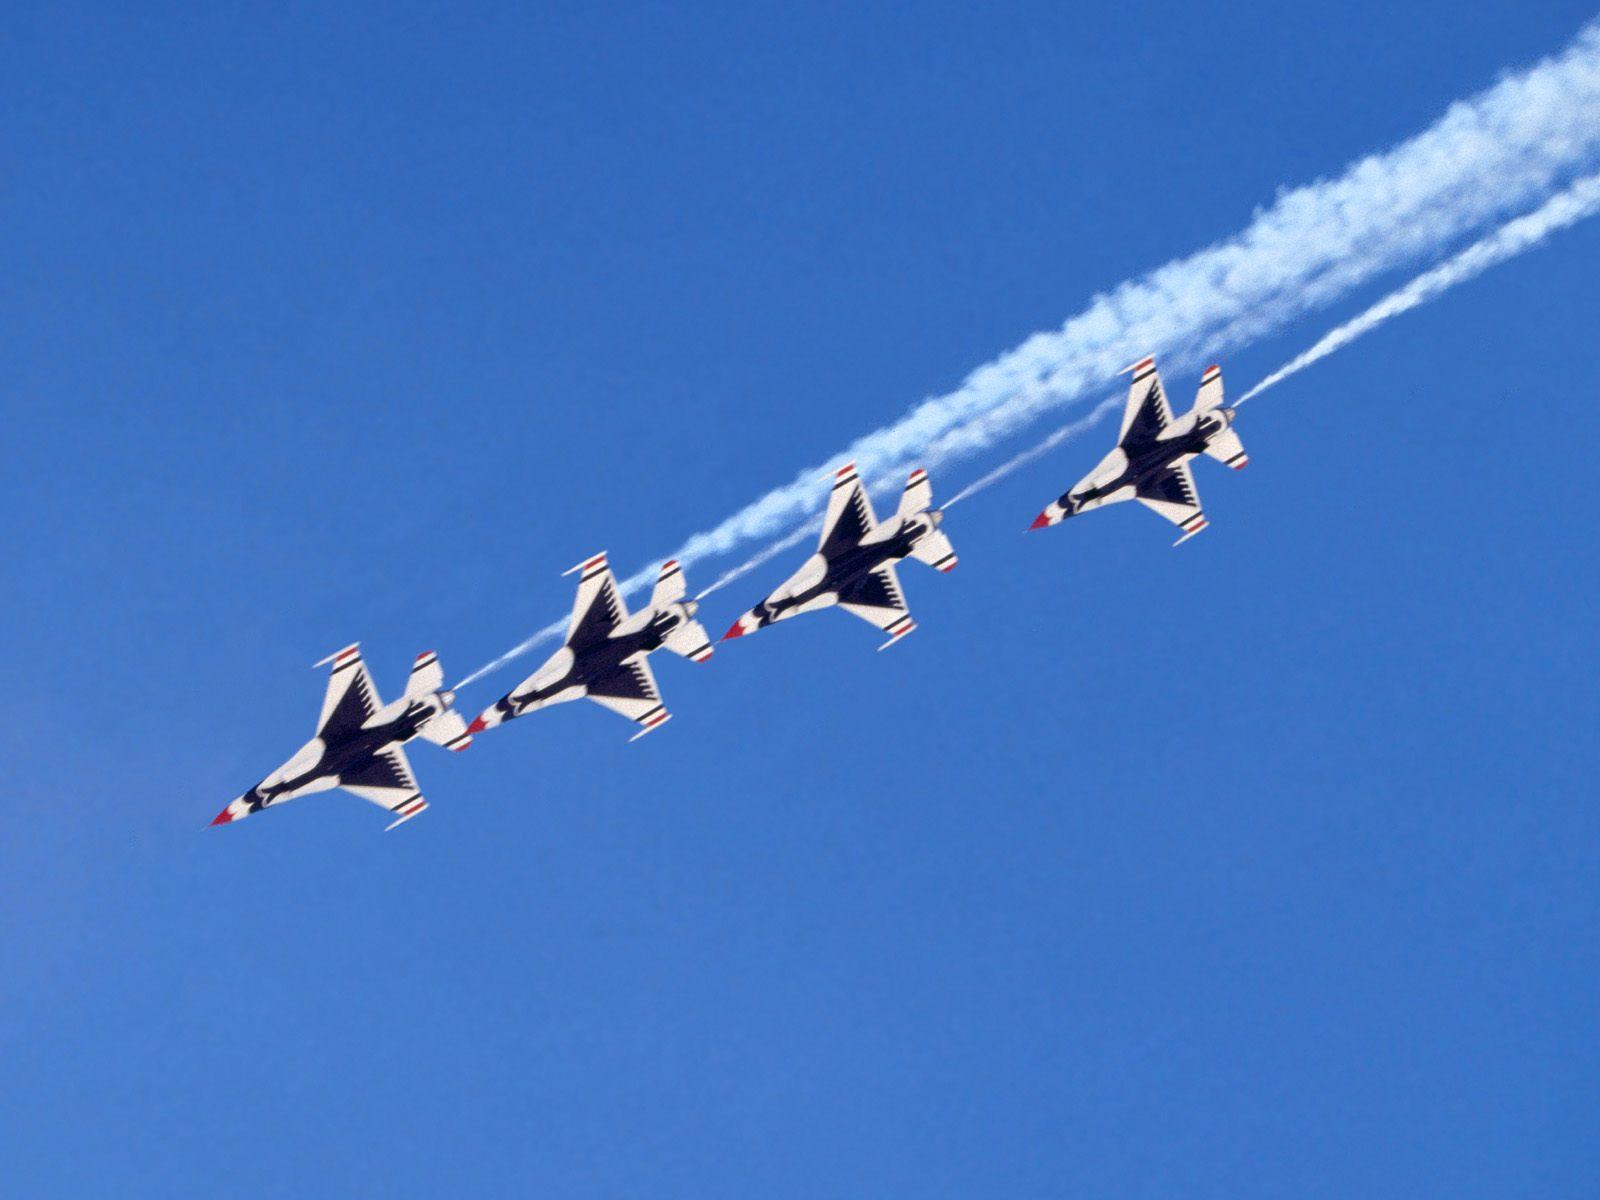 Follow The Leader Thunderbirds